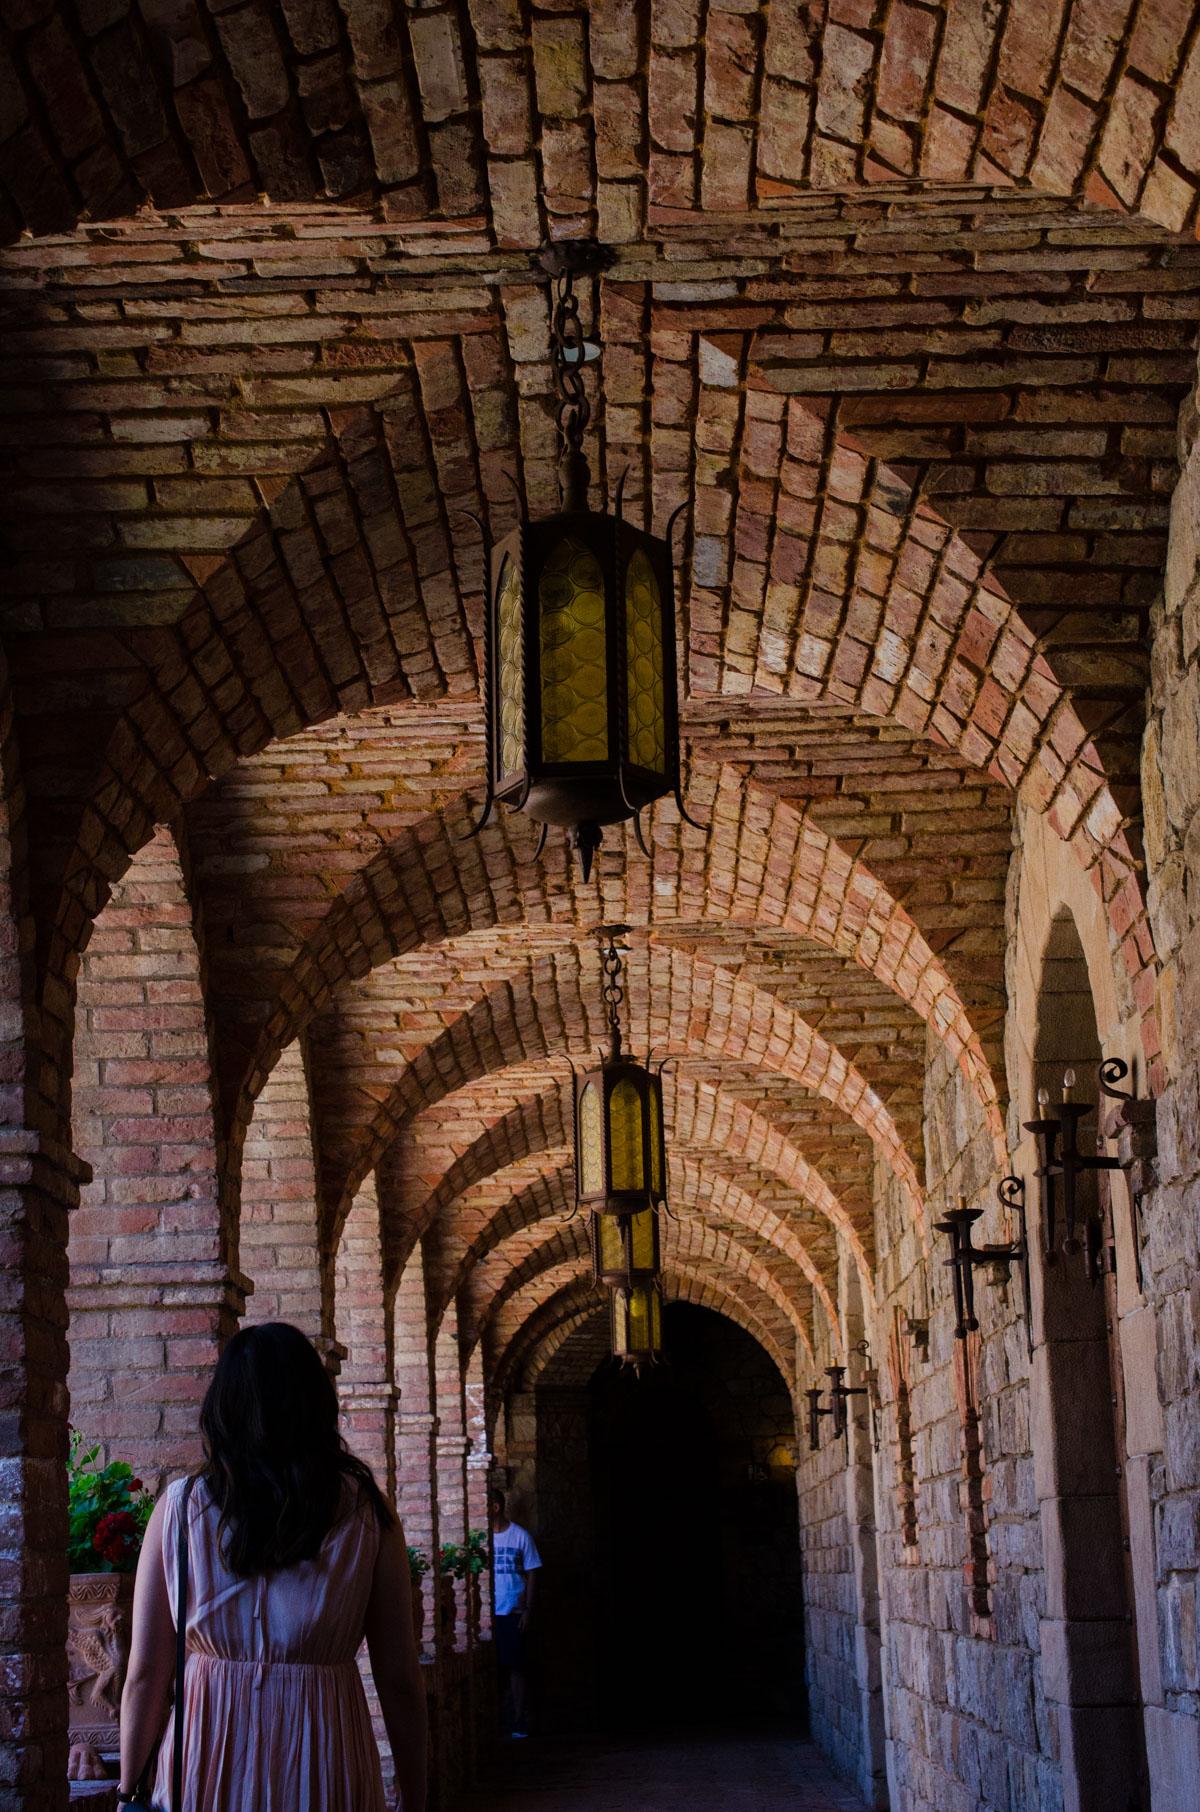 Castello Di Amorosa - Castle halls